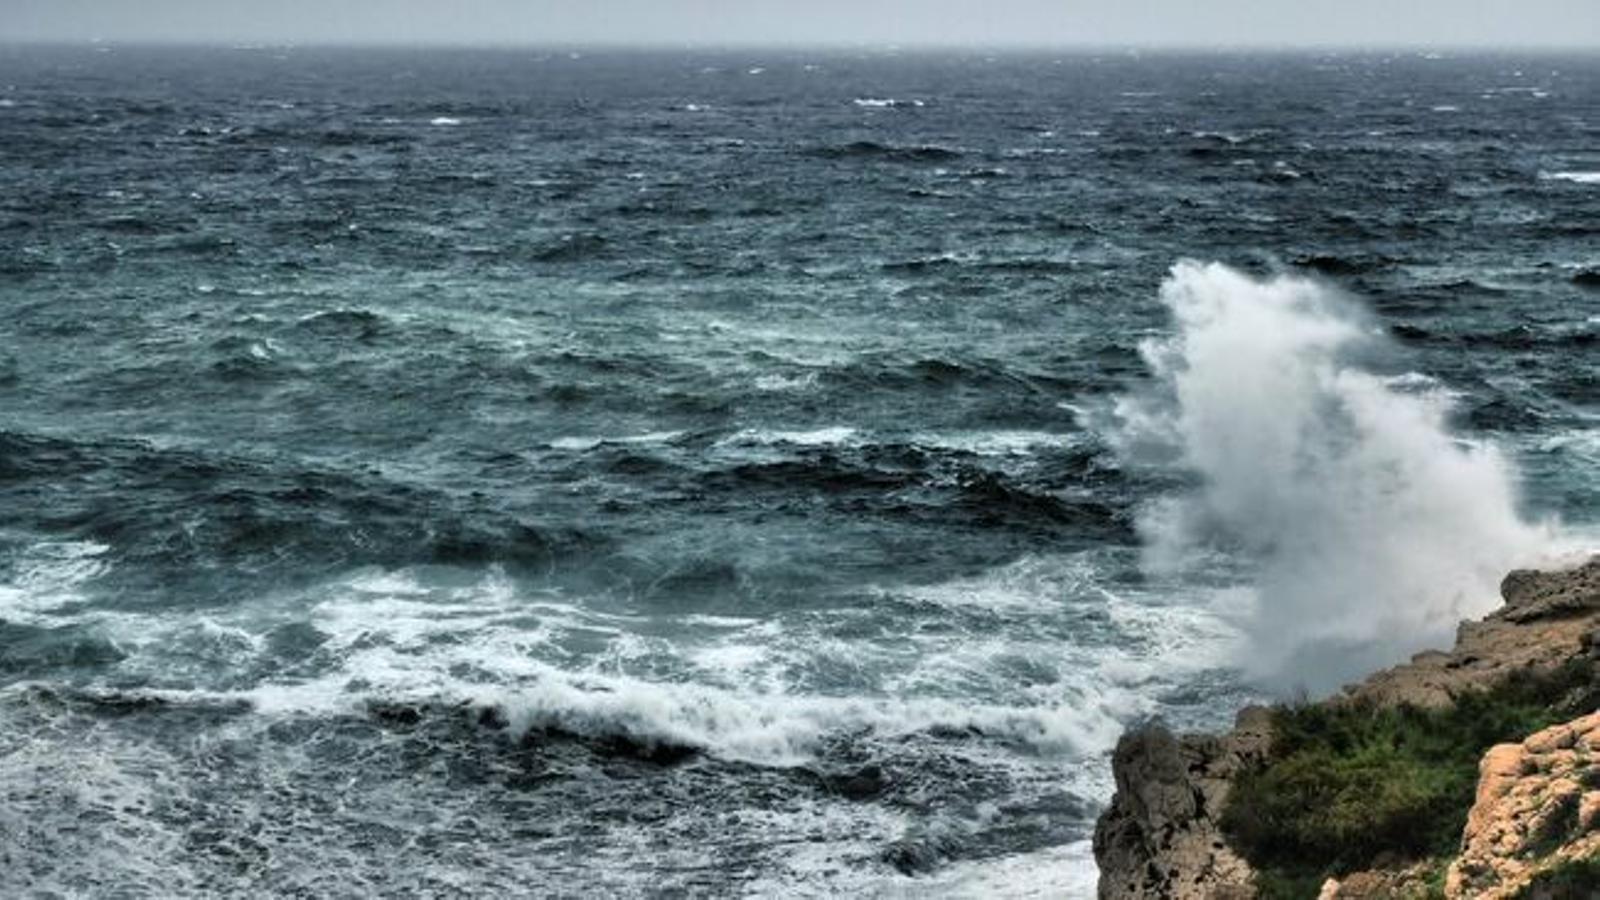 Aquest divendres s'esperen forts vents i fenòmens costaners a l'Arxipèlag.